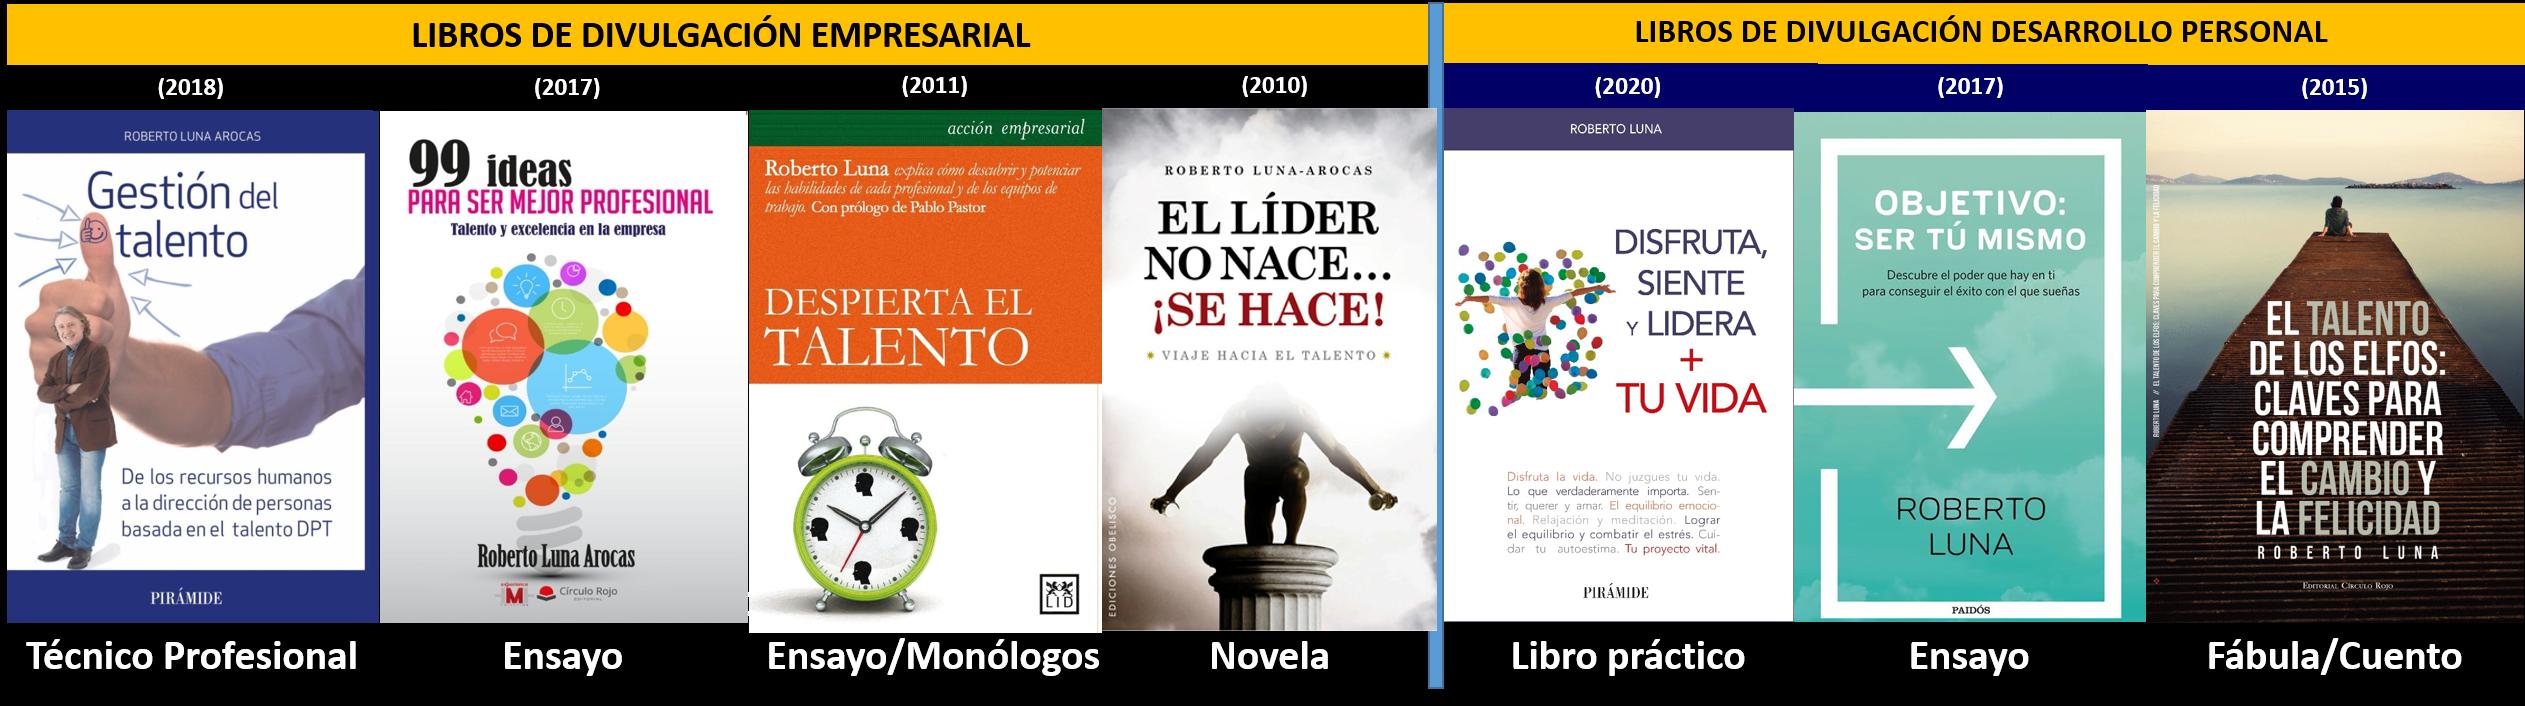 Libros de Desarrollo Profesional y Desarrollo Personal